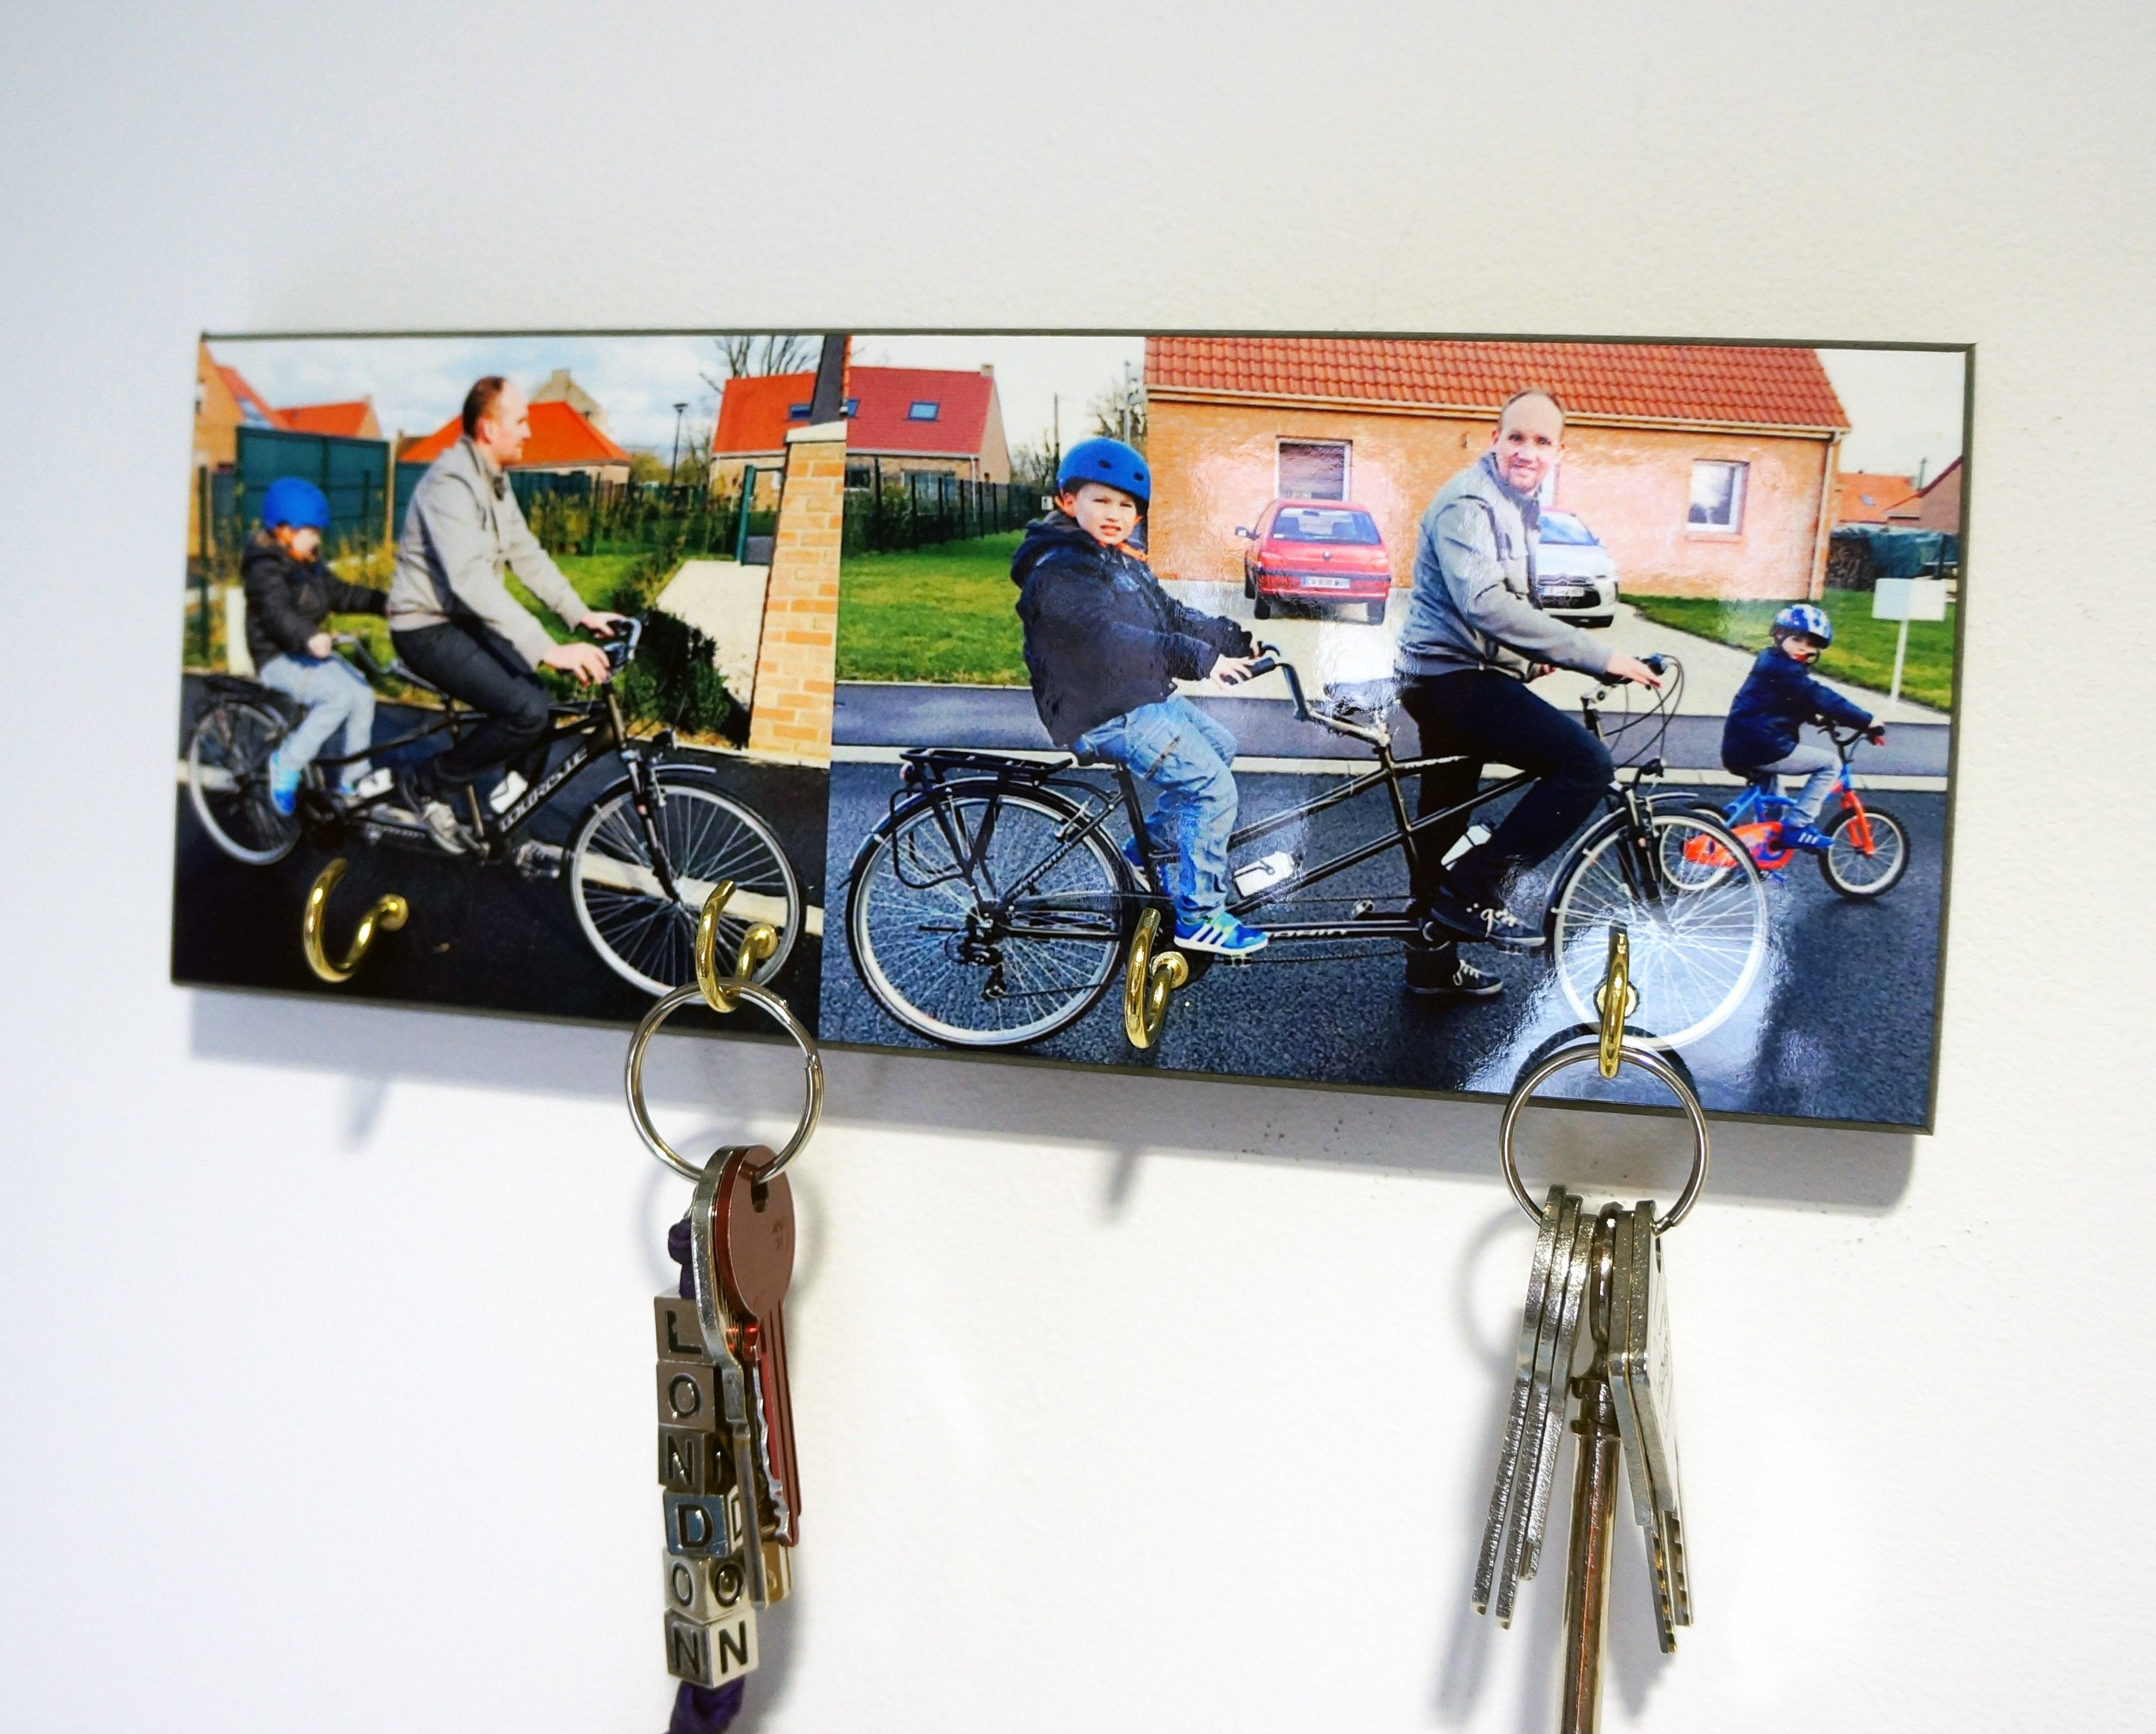 Un support mural pour accrocher vos cl s port e de mains personnalis avec la photo de votre - Porte cle mural personnalise ...